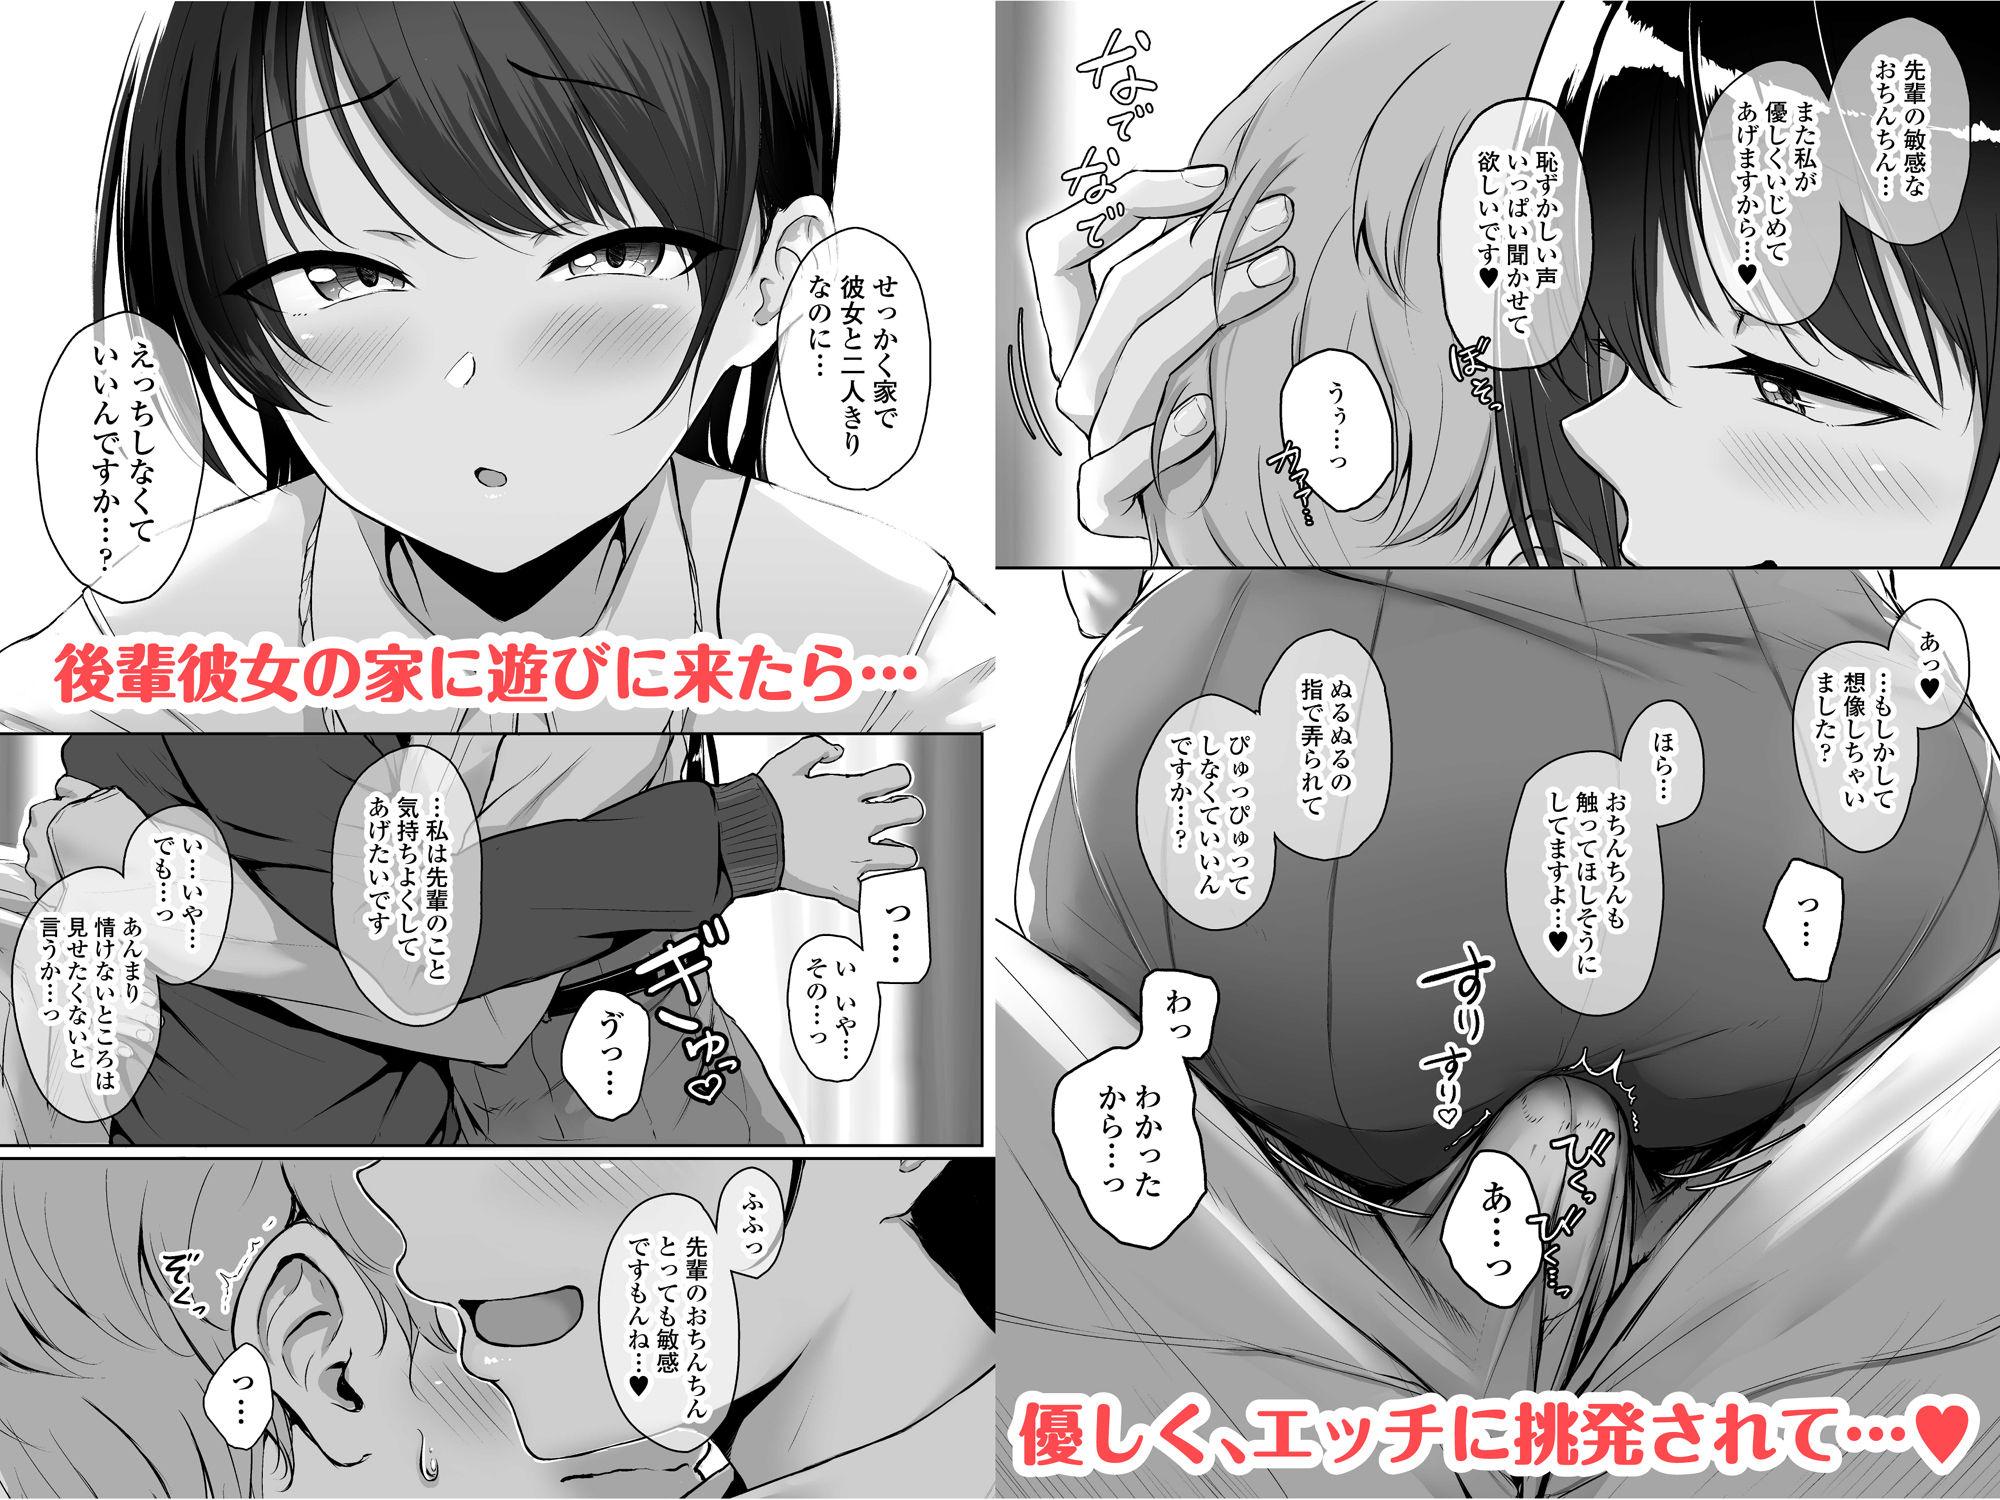 【三崎 同人】イジワルであまあま~後輩彼女に手コキで愛されるお話~